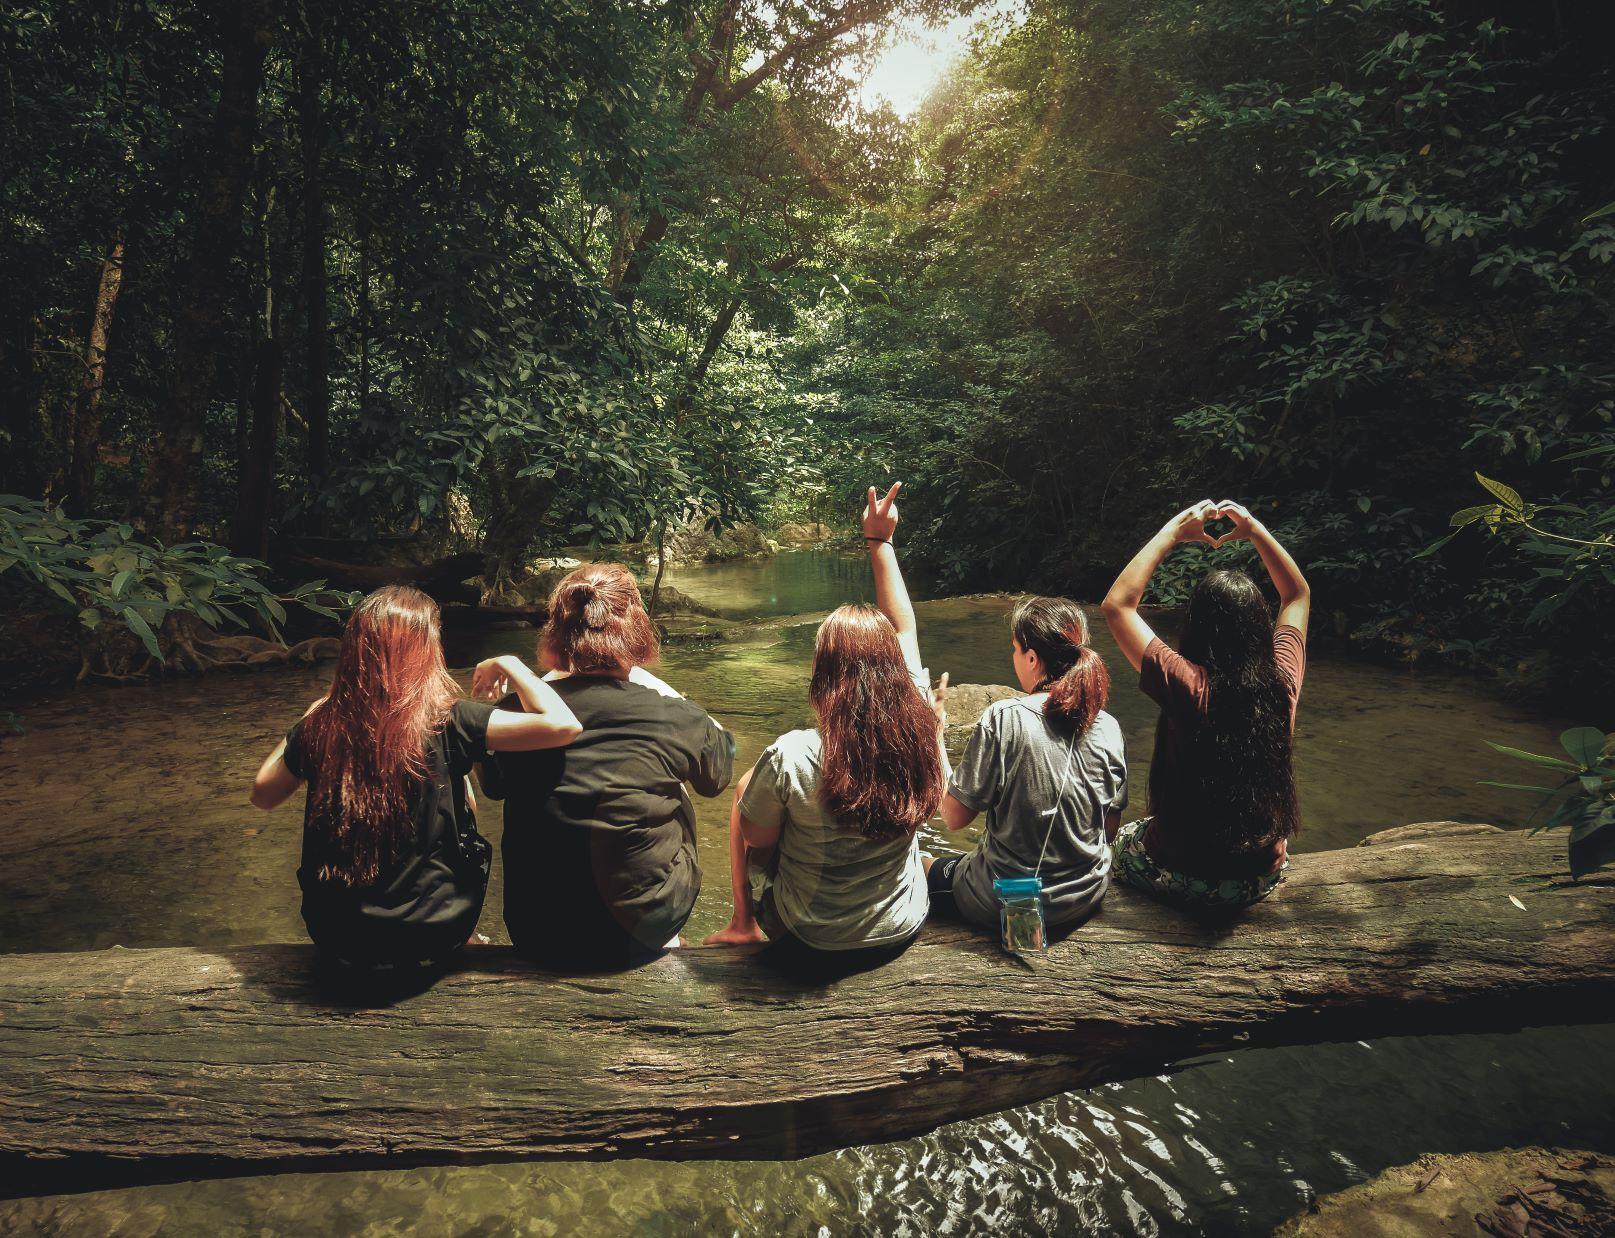 Viisi naista istuvat joen yläpuolelle kaatuneen puunrungon päällä. He ovat selästysten kuvaan nähden.